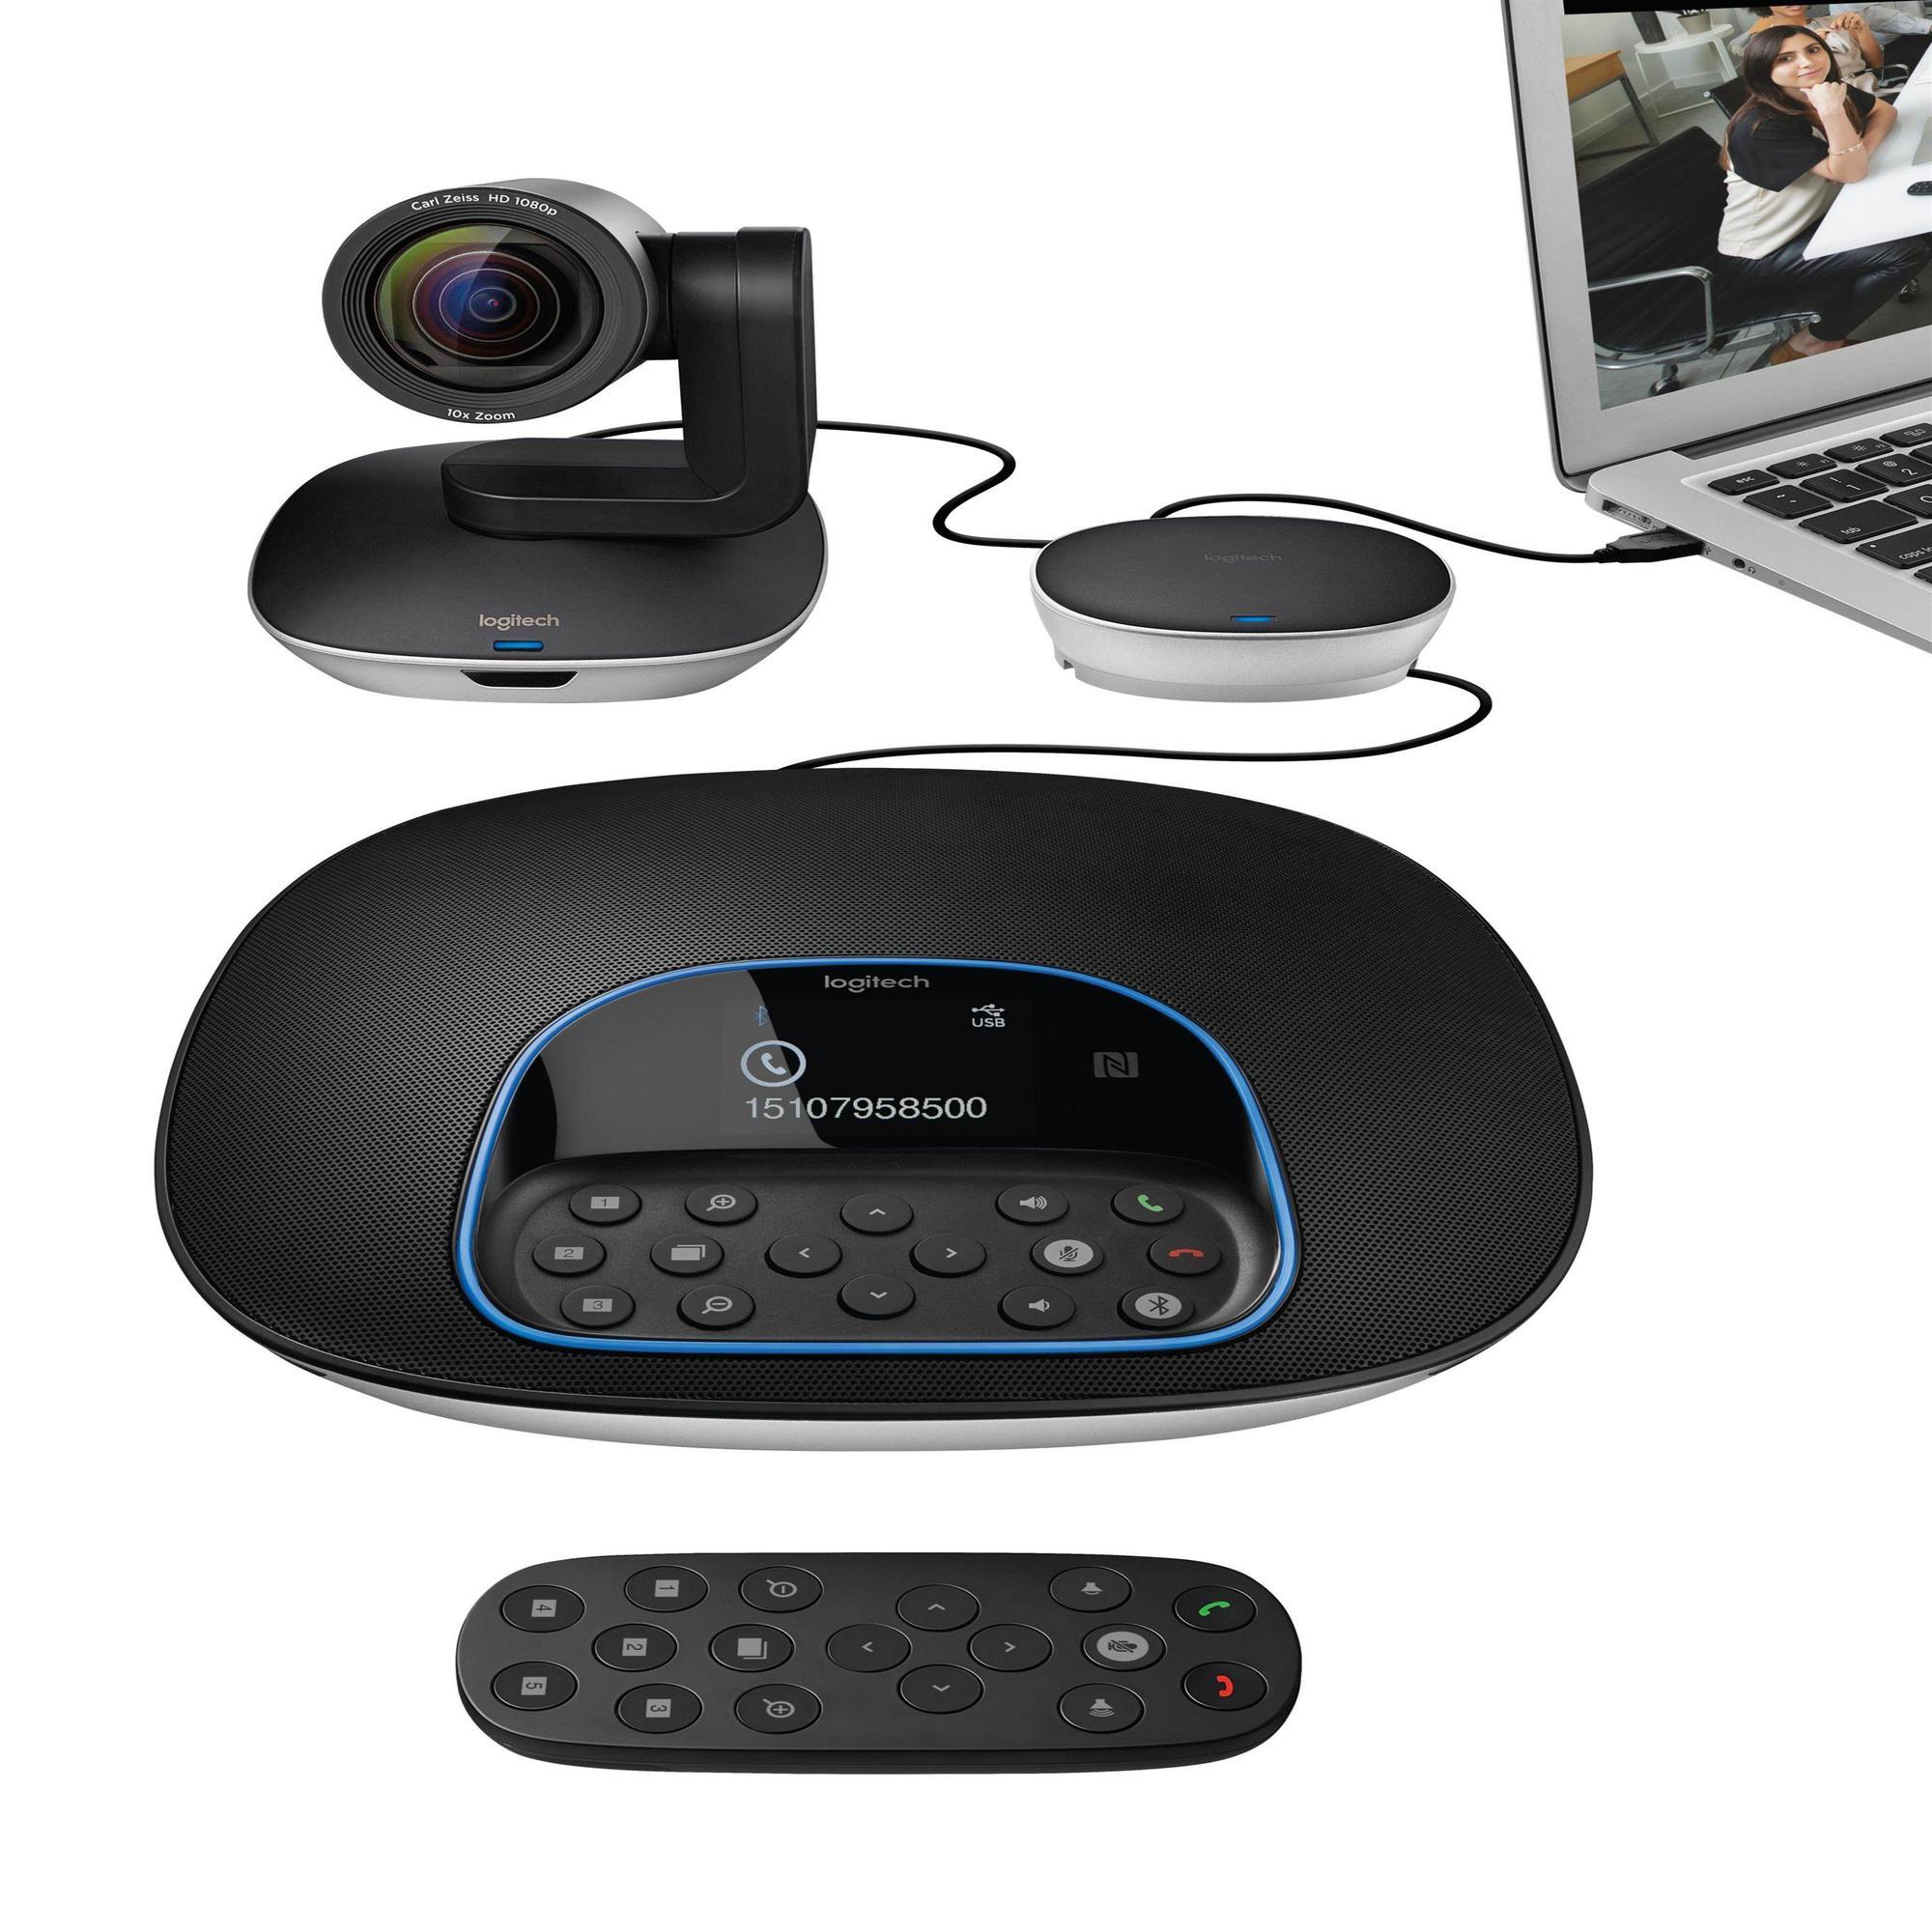 Logitech GROUP: Video konferans sistemlerine yenilikçi bakış